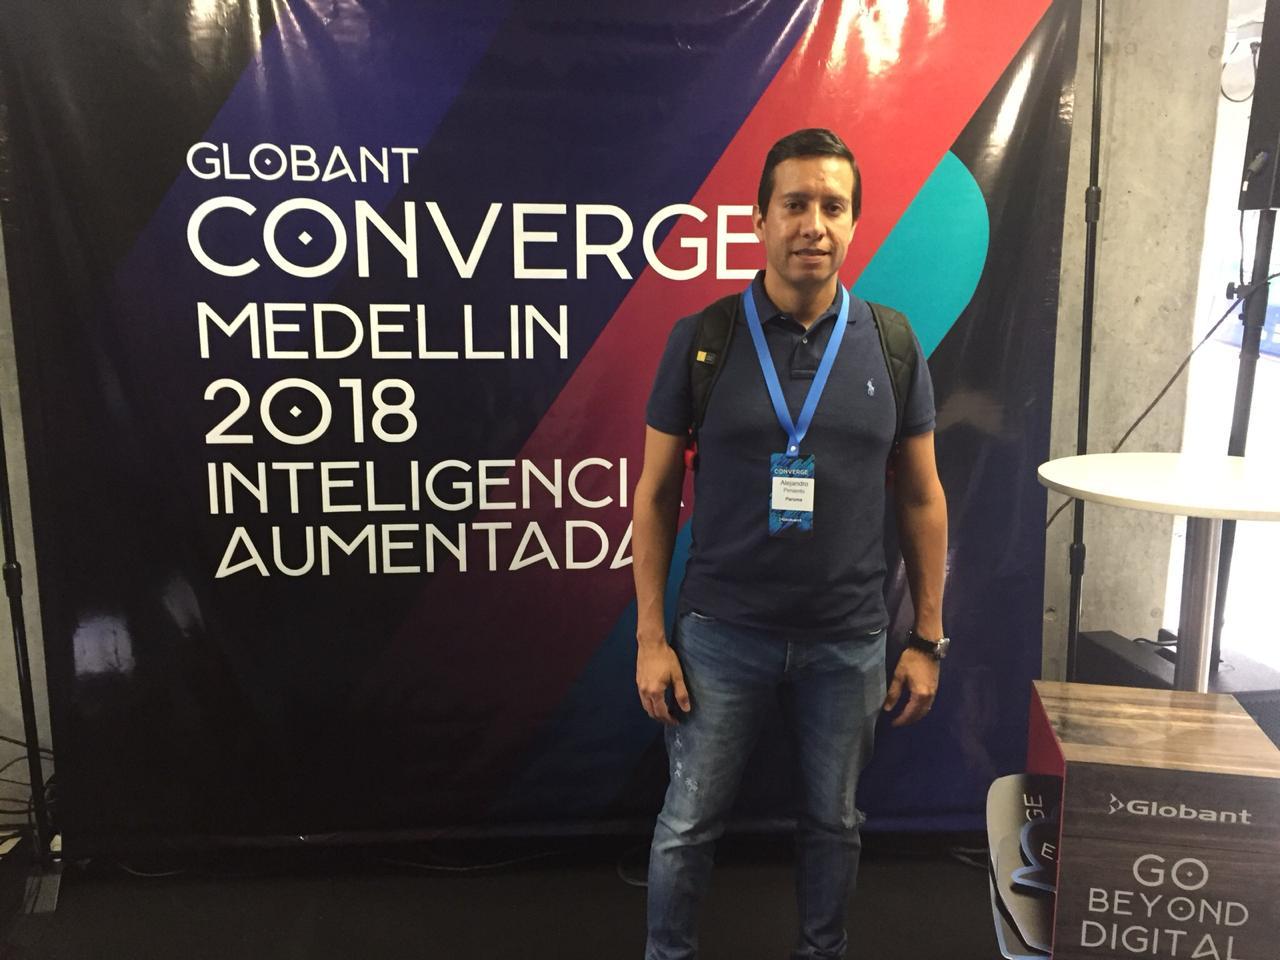 CONVERGE MED | SEPT 2018 – Globant